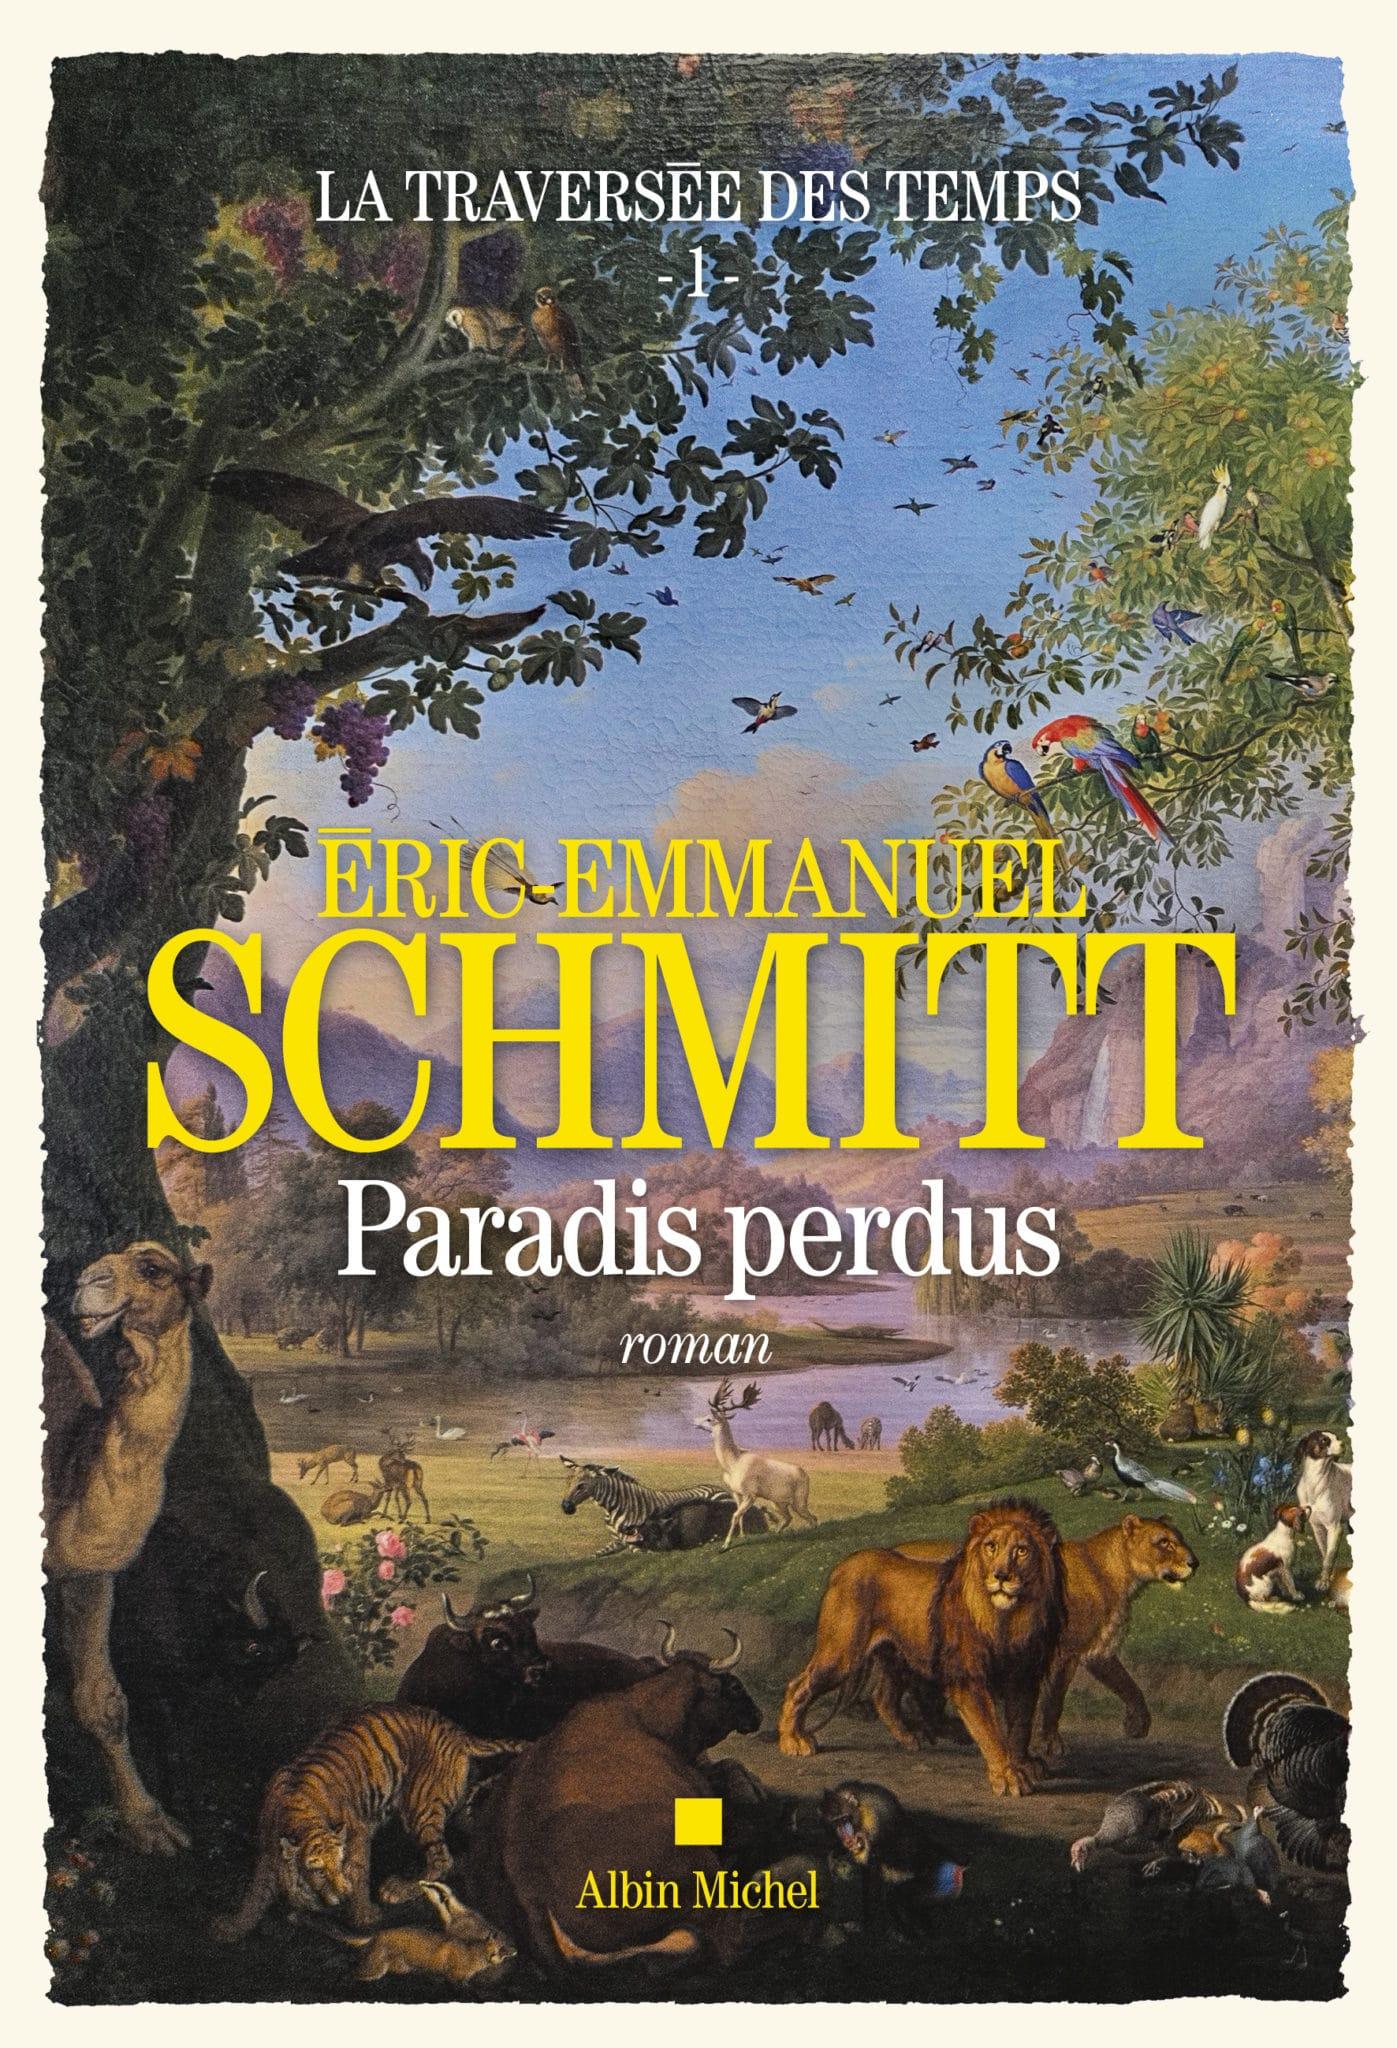 E.E.Schmitt